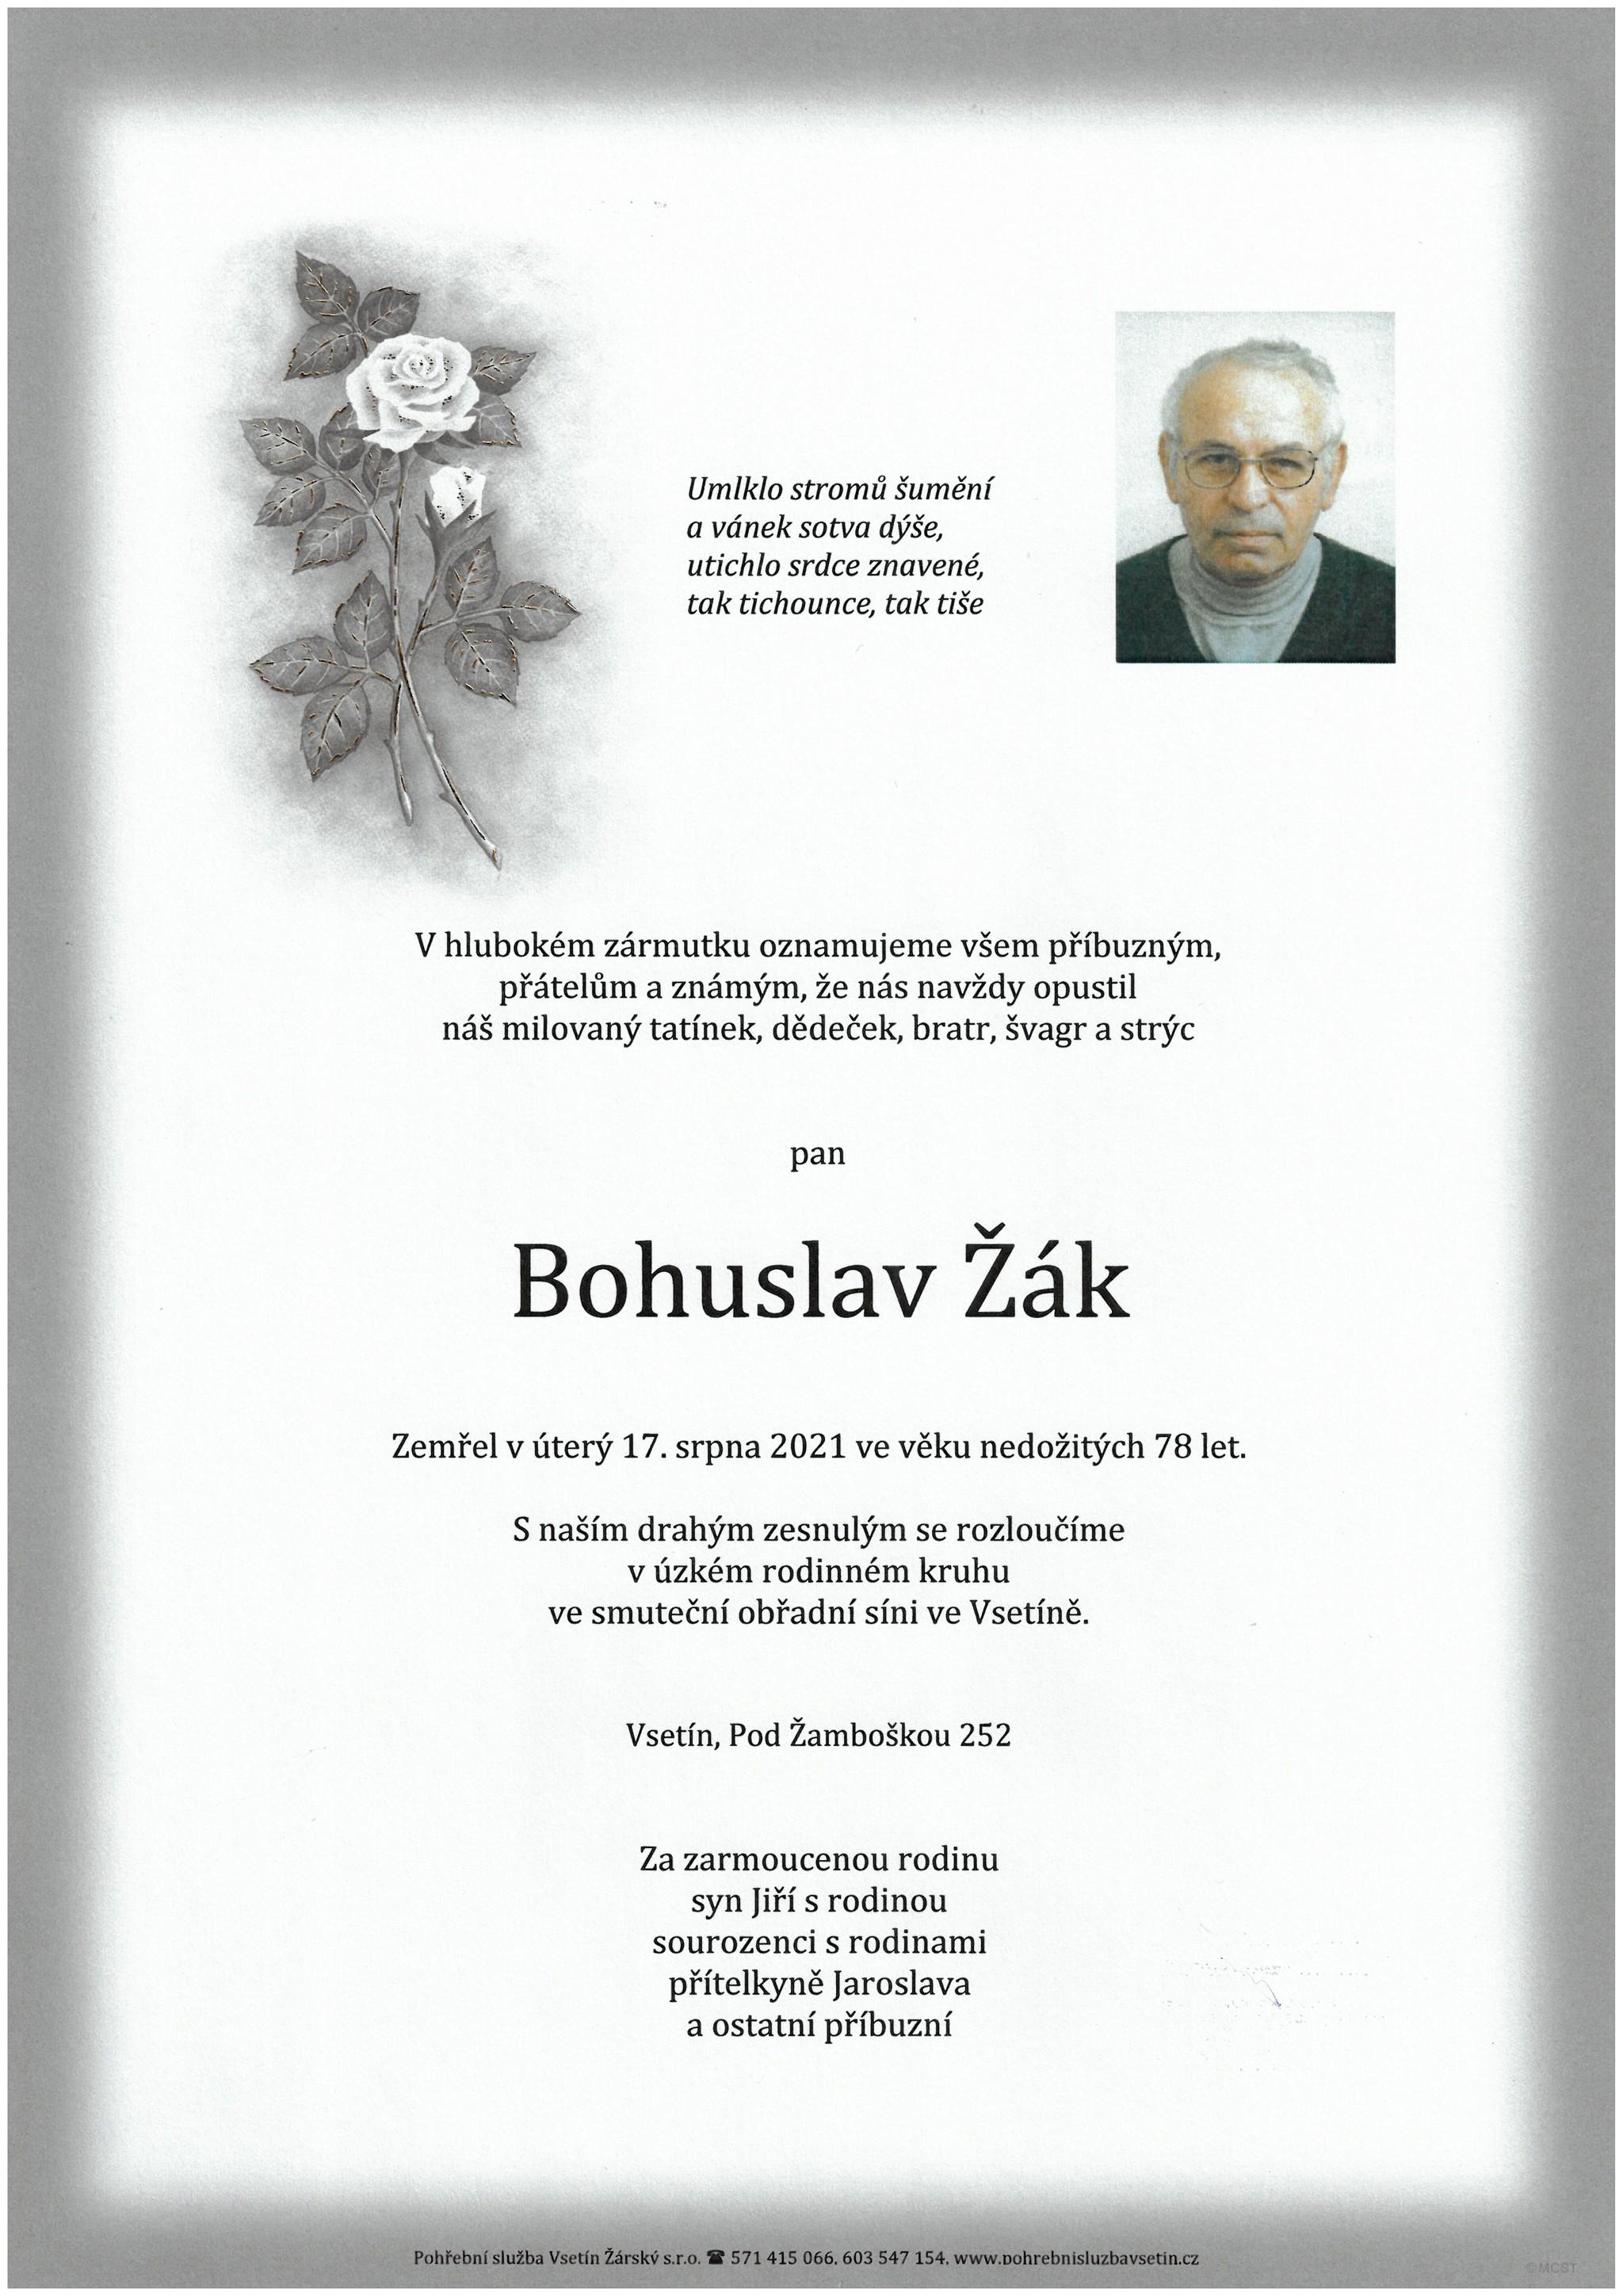 Bohuslav Žák